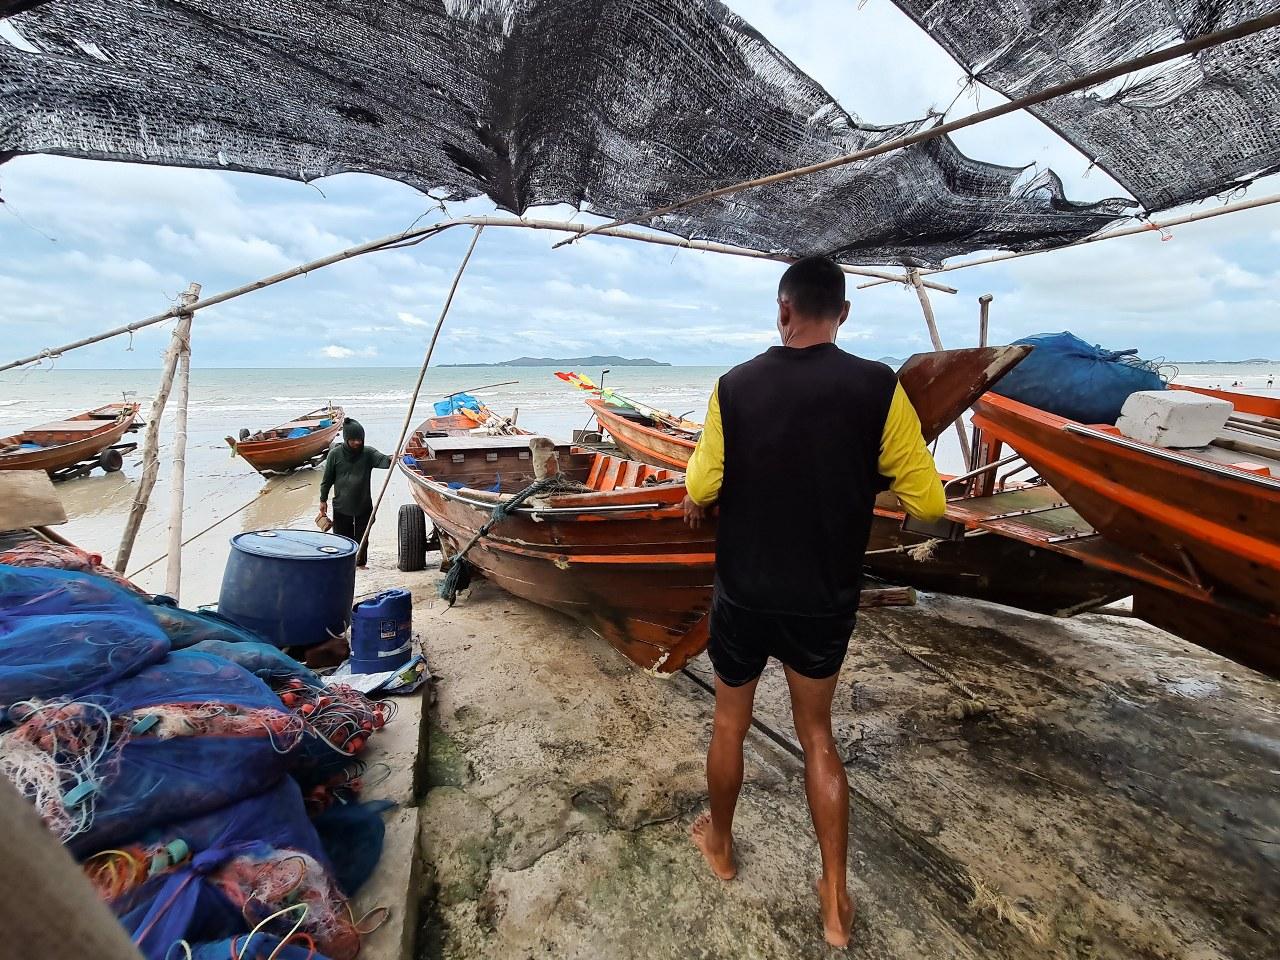 กินปู ดูทะเล นอนตากลม เที่ยวระยอง 5 โลเคชั่น ไปง่ายเหมือนนอนบ้านเพื่อน!